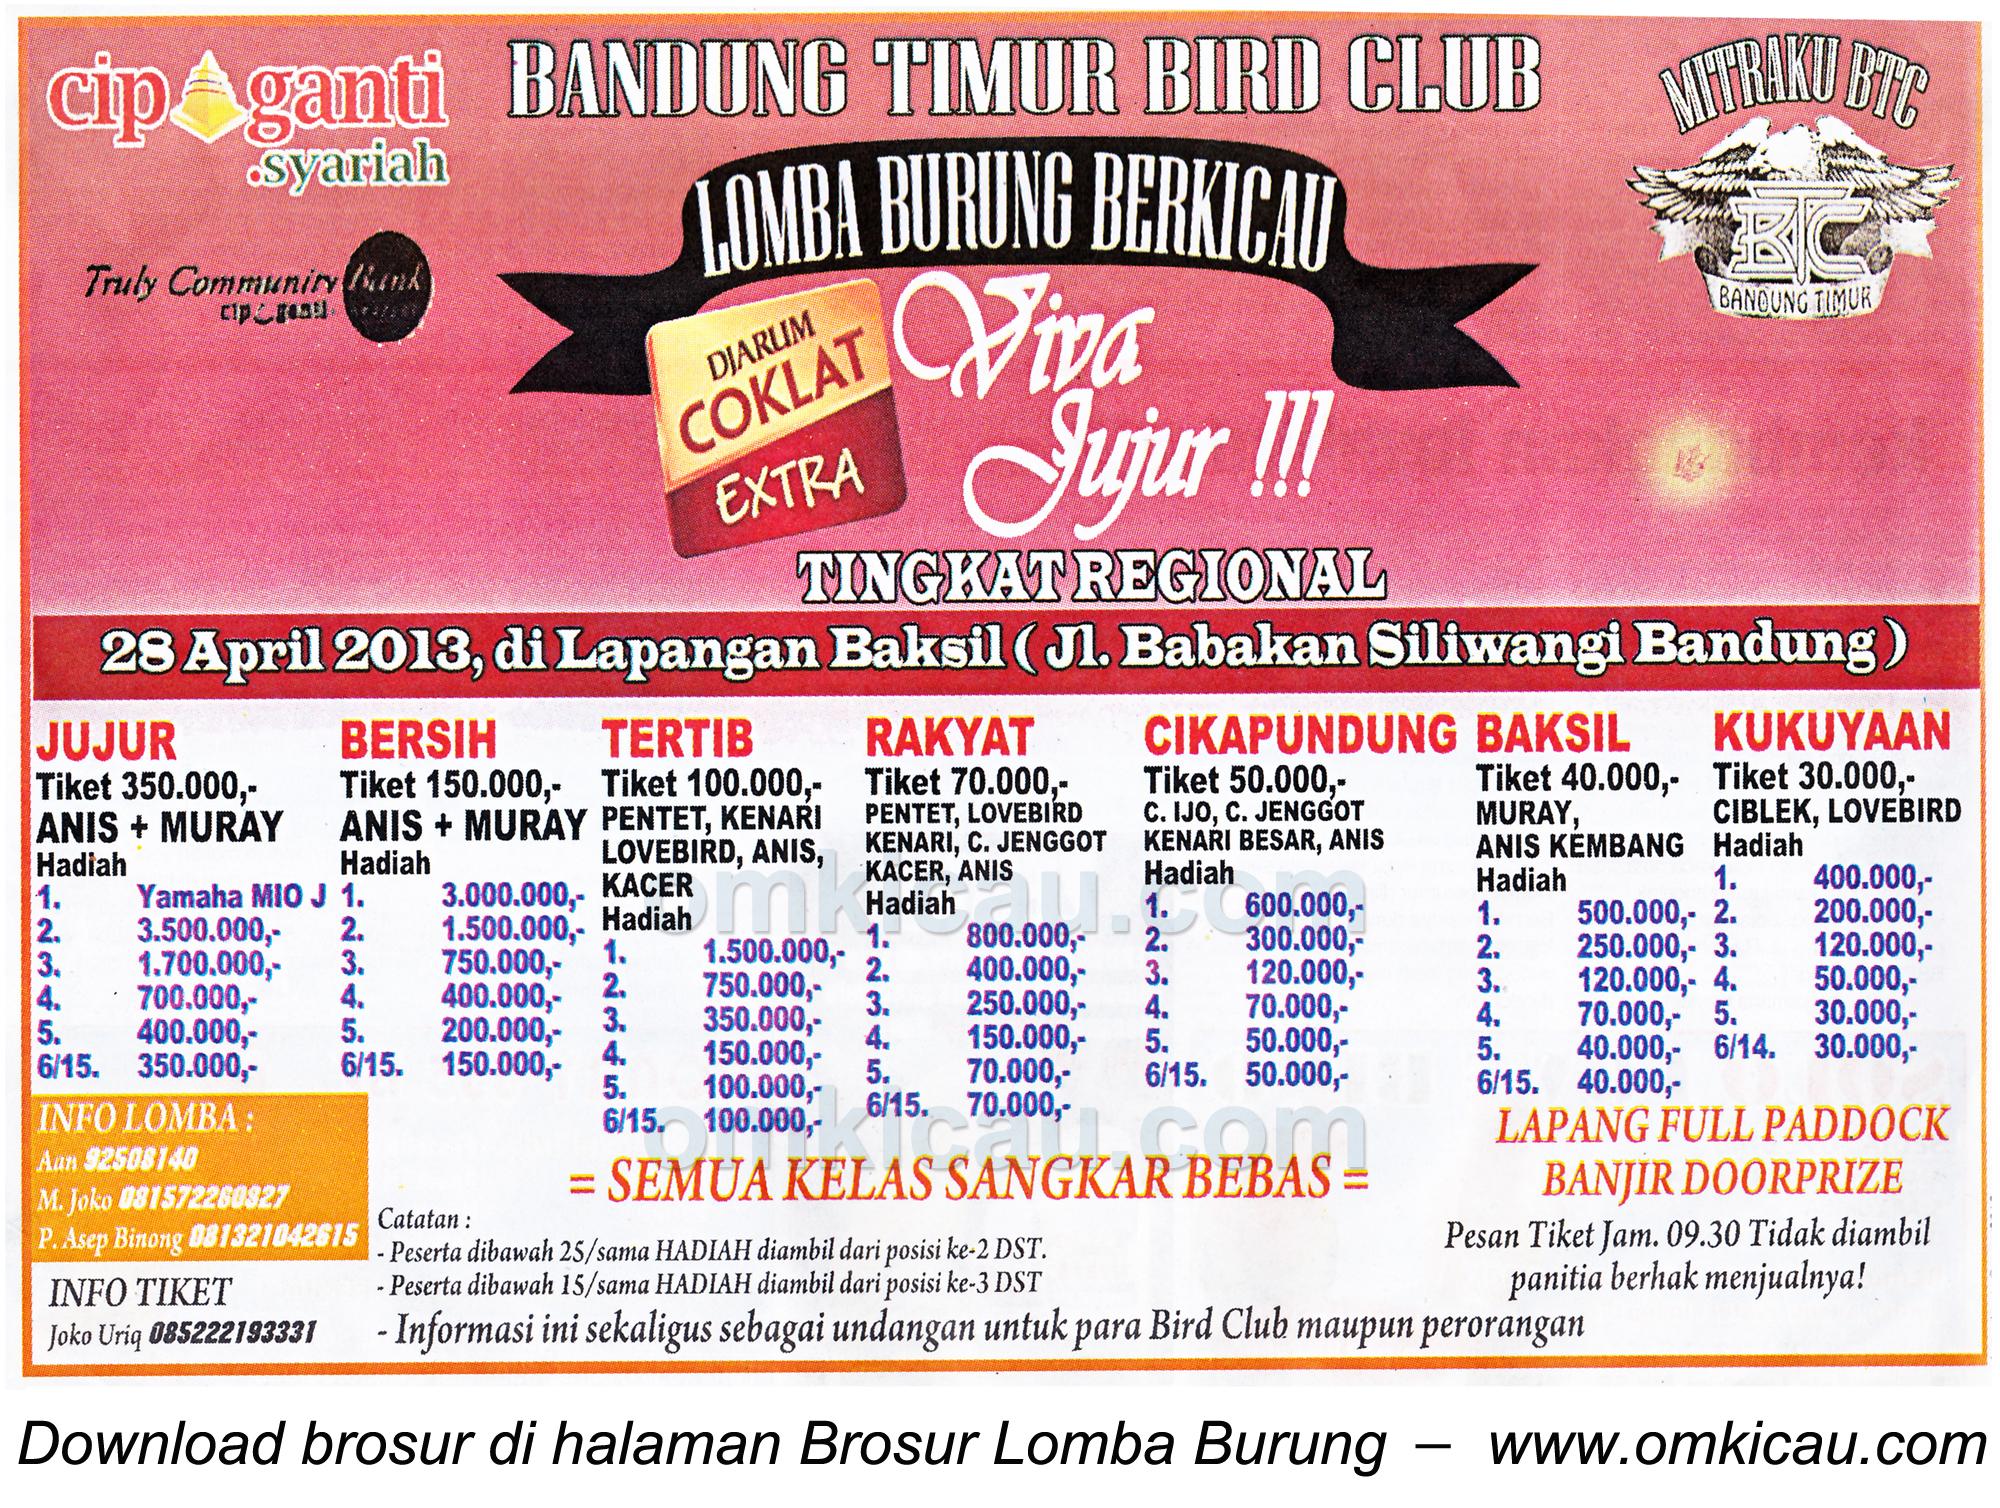 Brosur Lomba Burung Tingkat Regional, Bandung, 28 April 2013